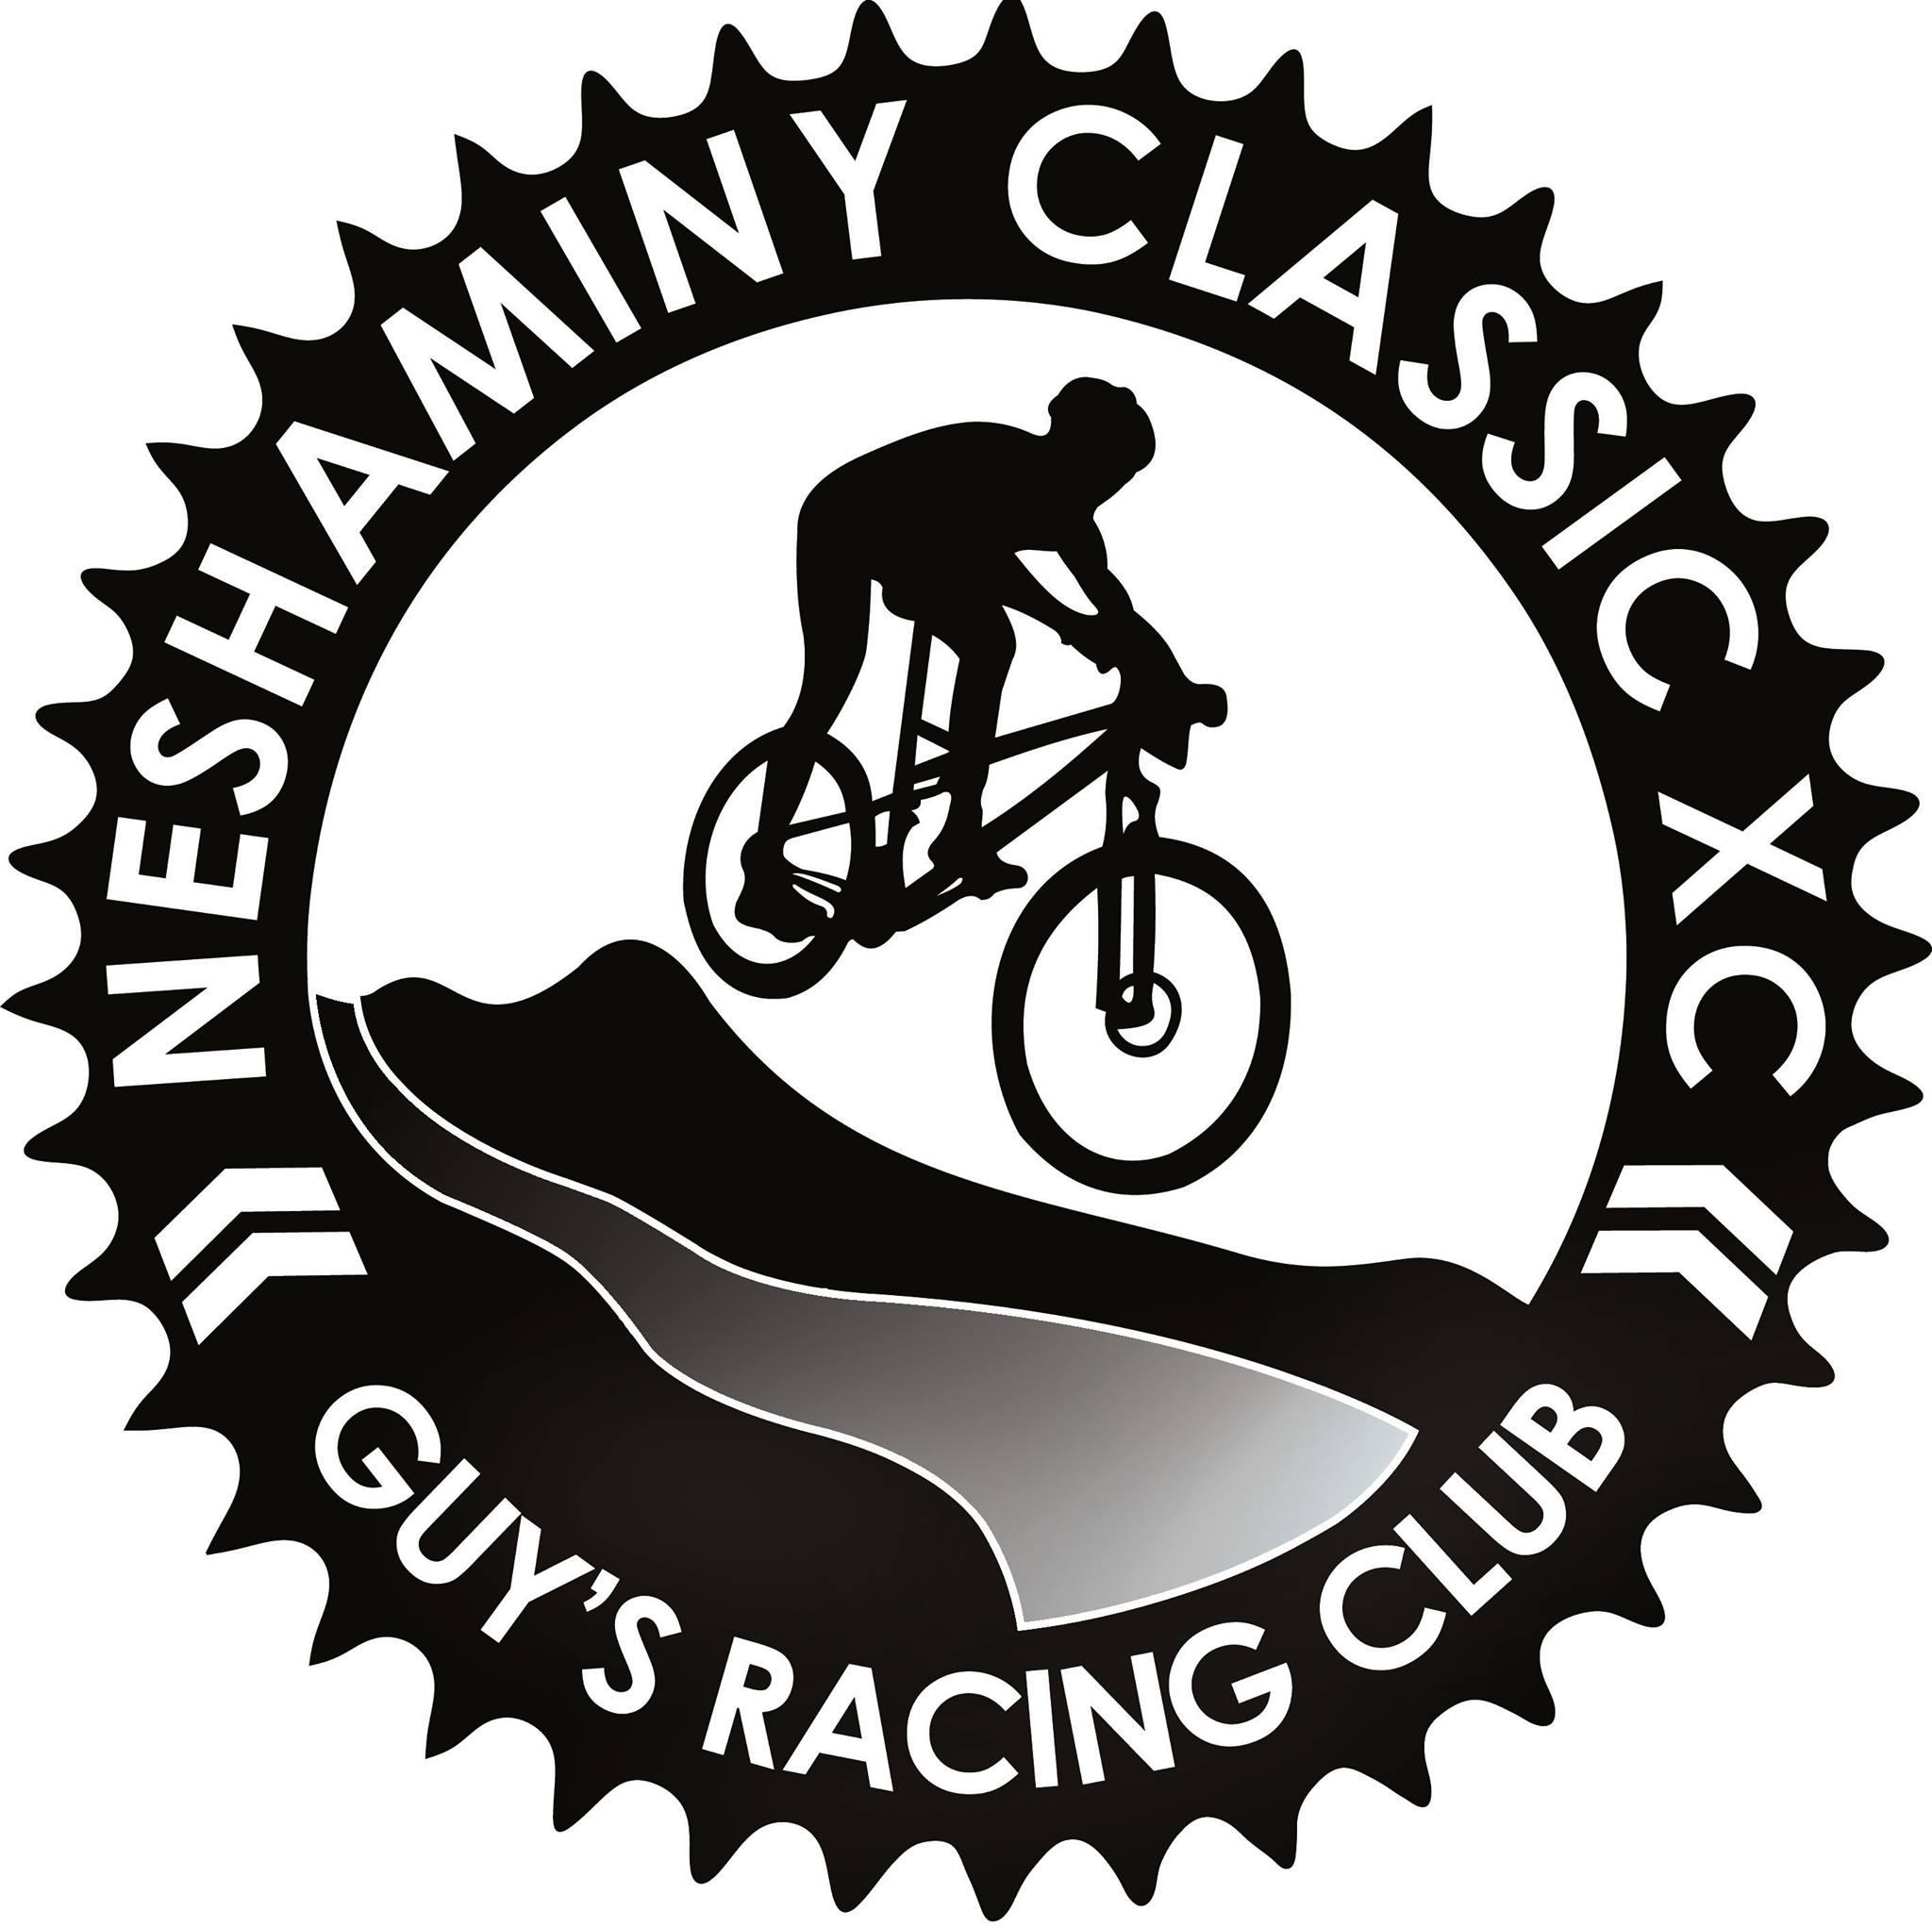 Guy's Neshaminy Classic